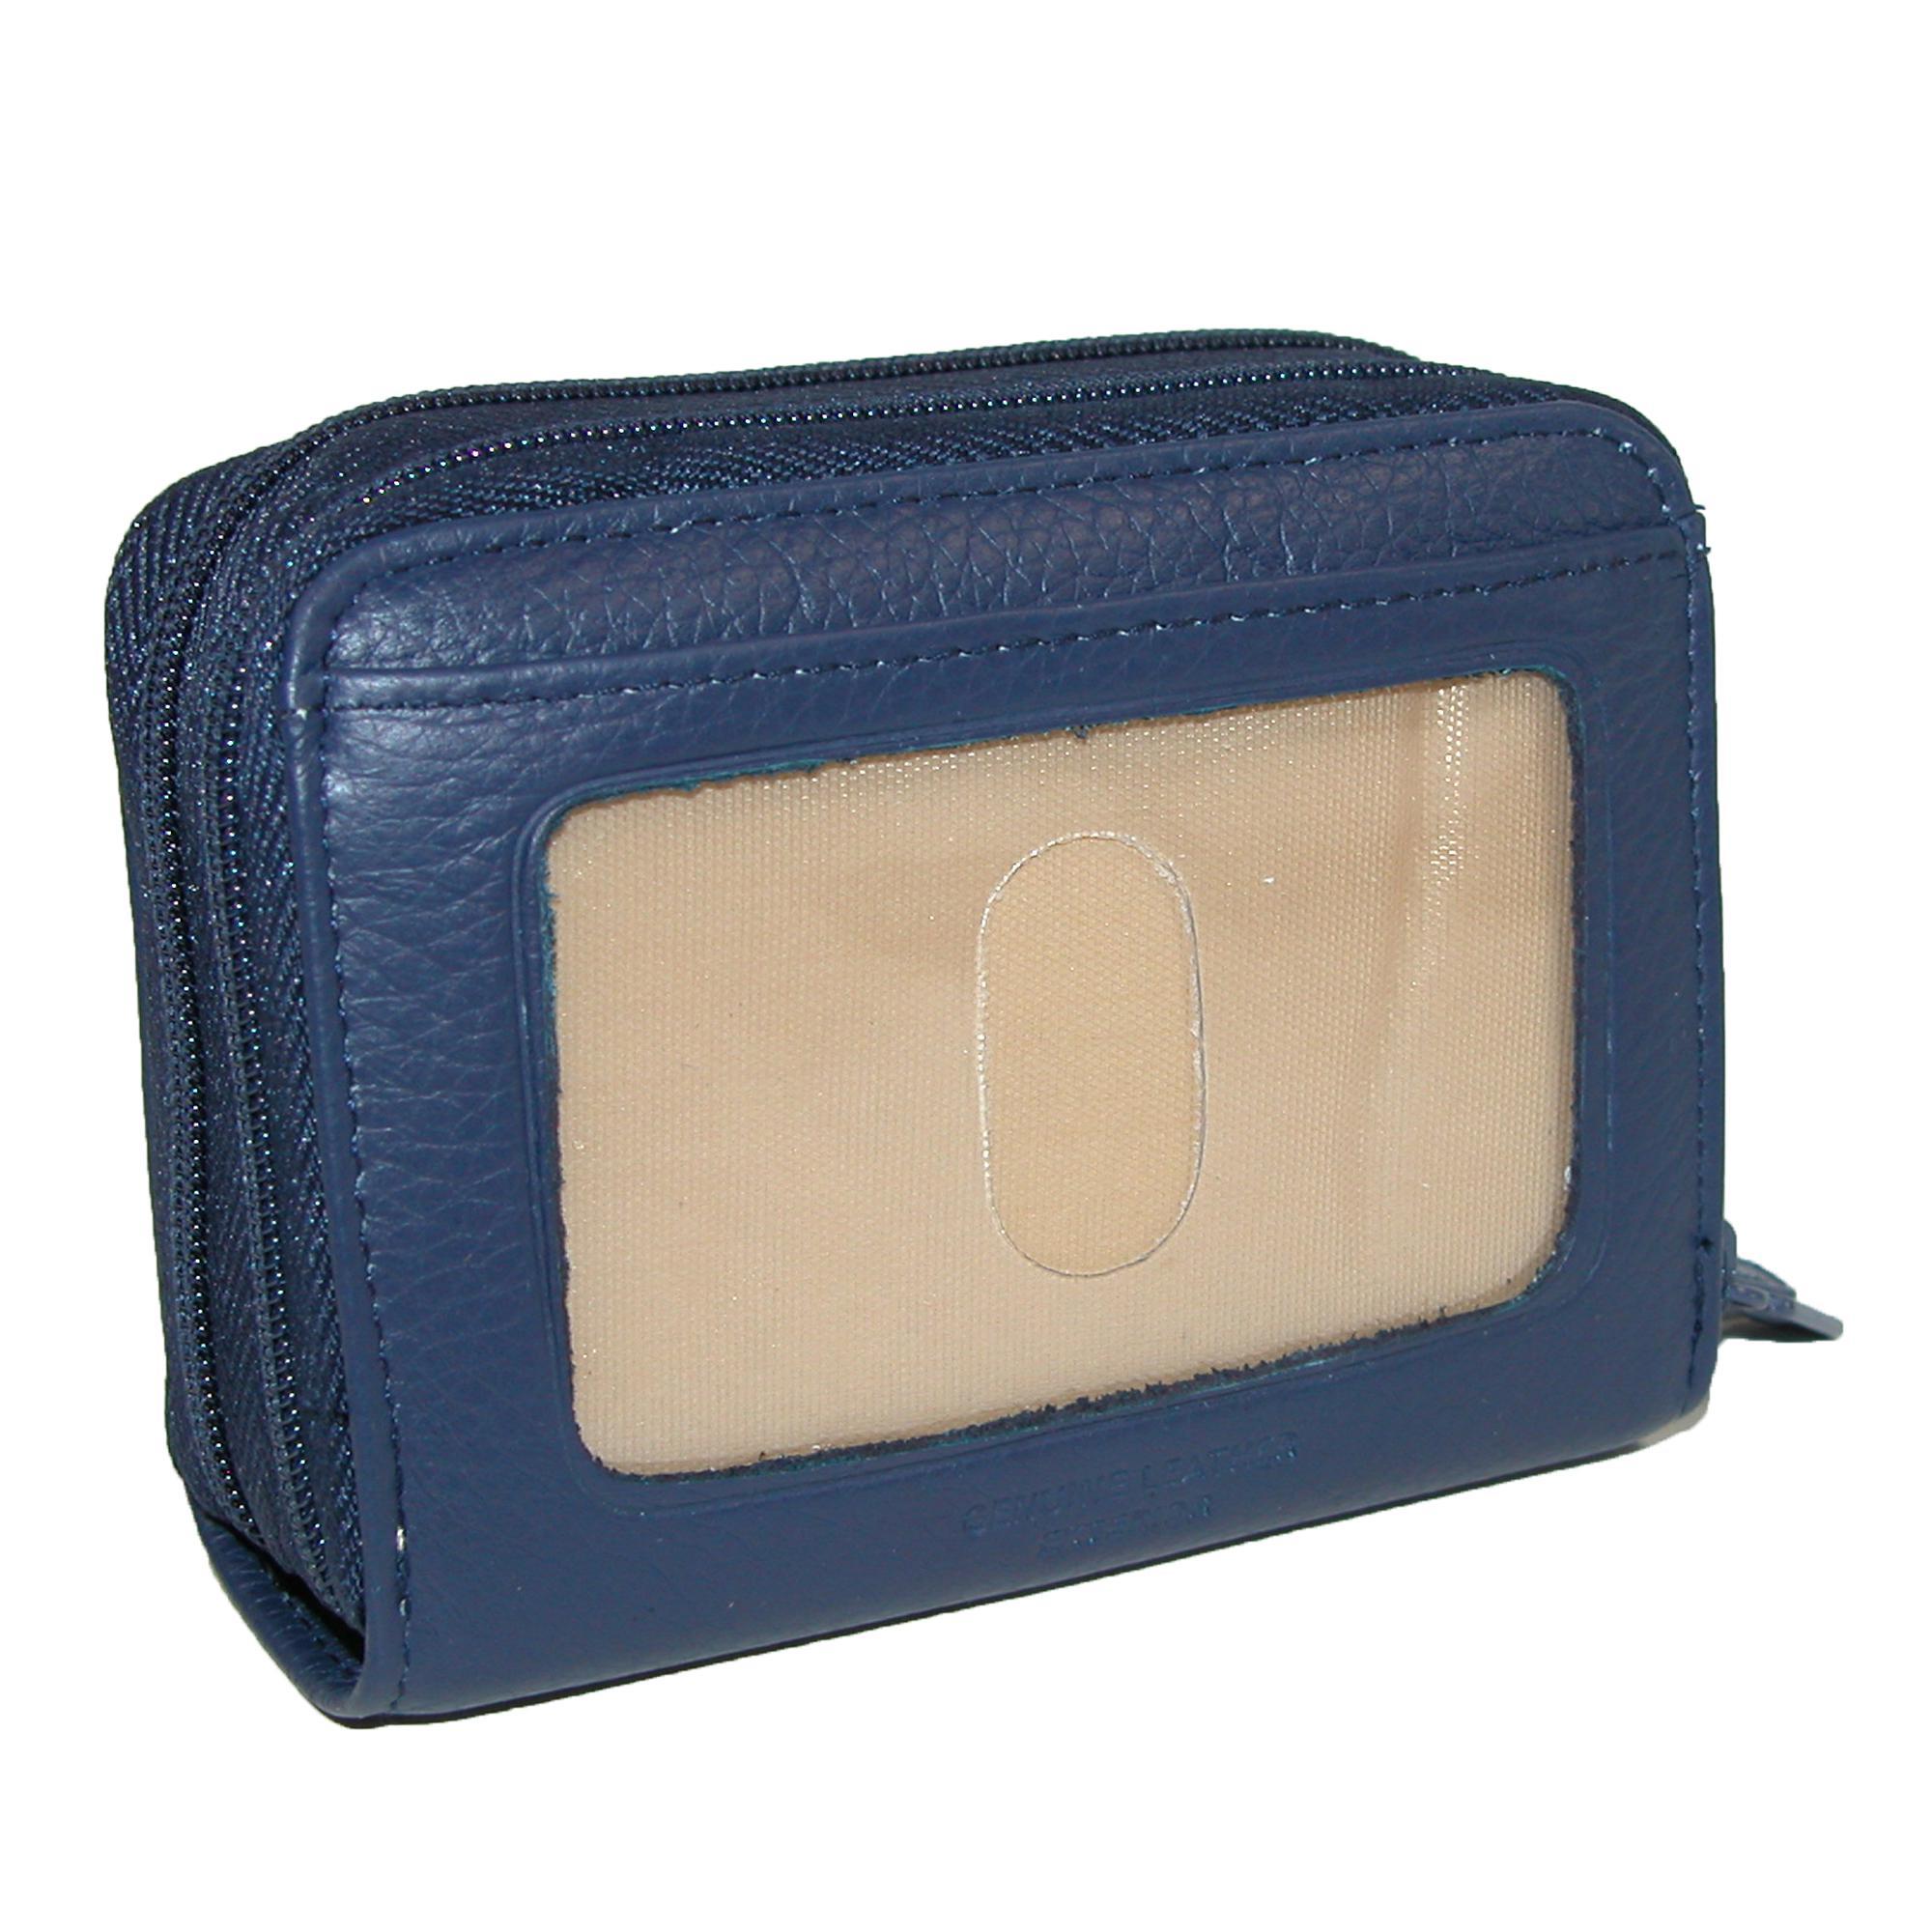 New-Buxton-Women-039-s-Leather-Mini-Accordion-Wizard-Wallet thumbnail 14